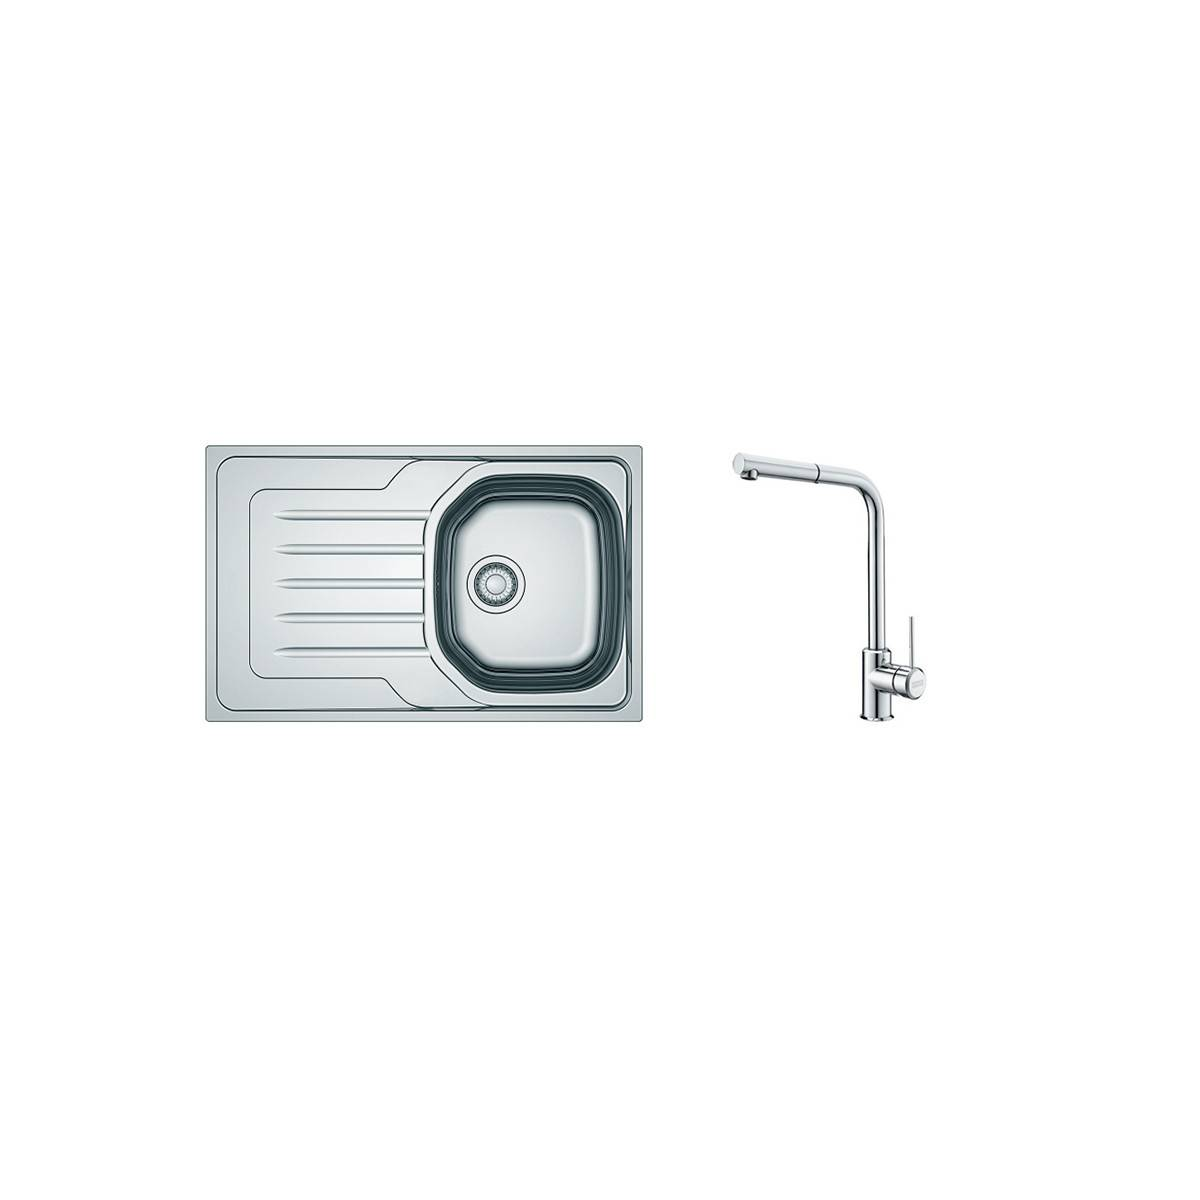 Franke PACK Franke Ondaline OLX/OLL611-79 + Mitigeur Sirius Plus - Coloris : Inox Lisse